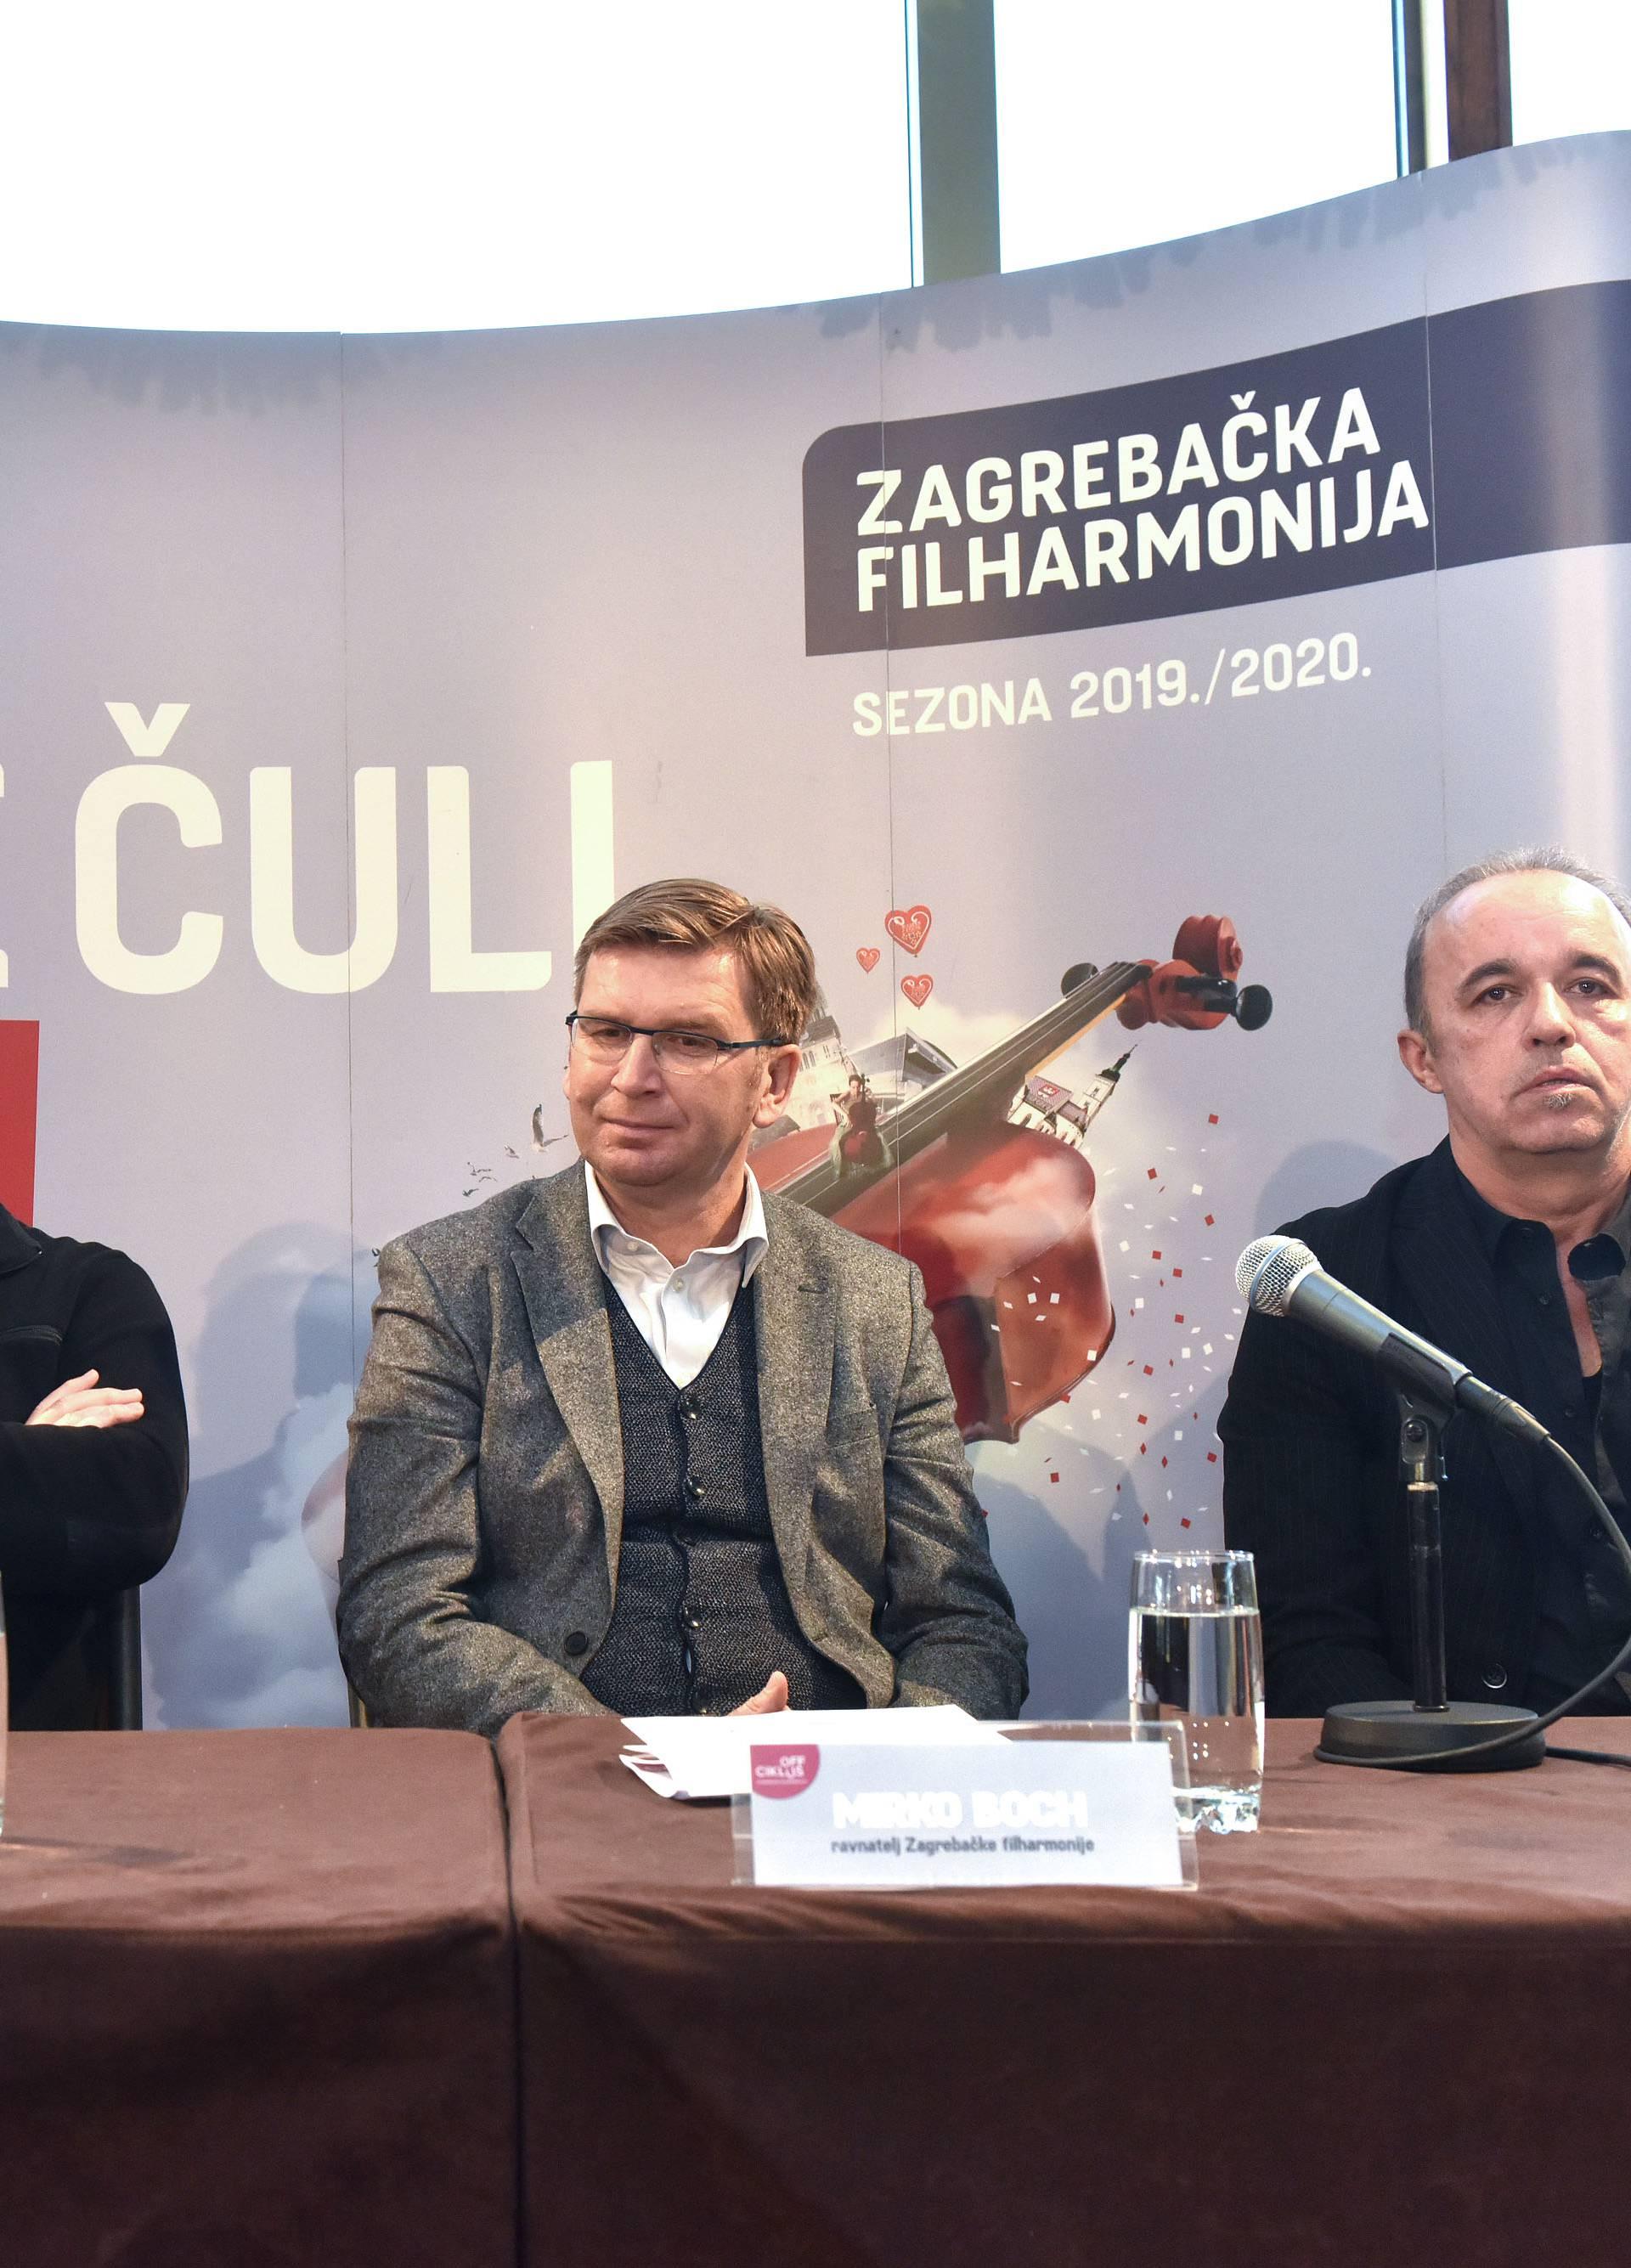 Zagreb: Predin najavio svoj koncert sa Zagrebačkom filhamonijom